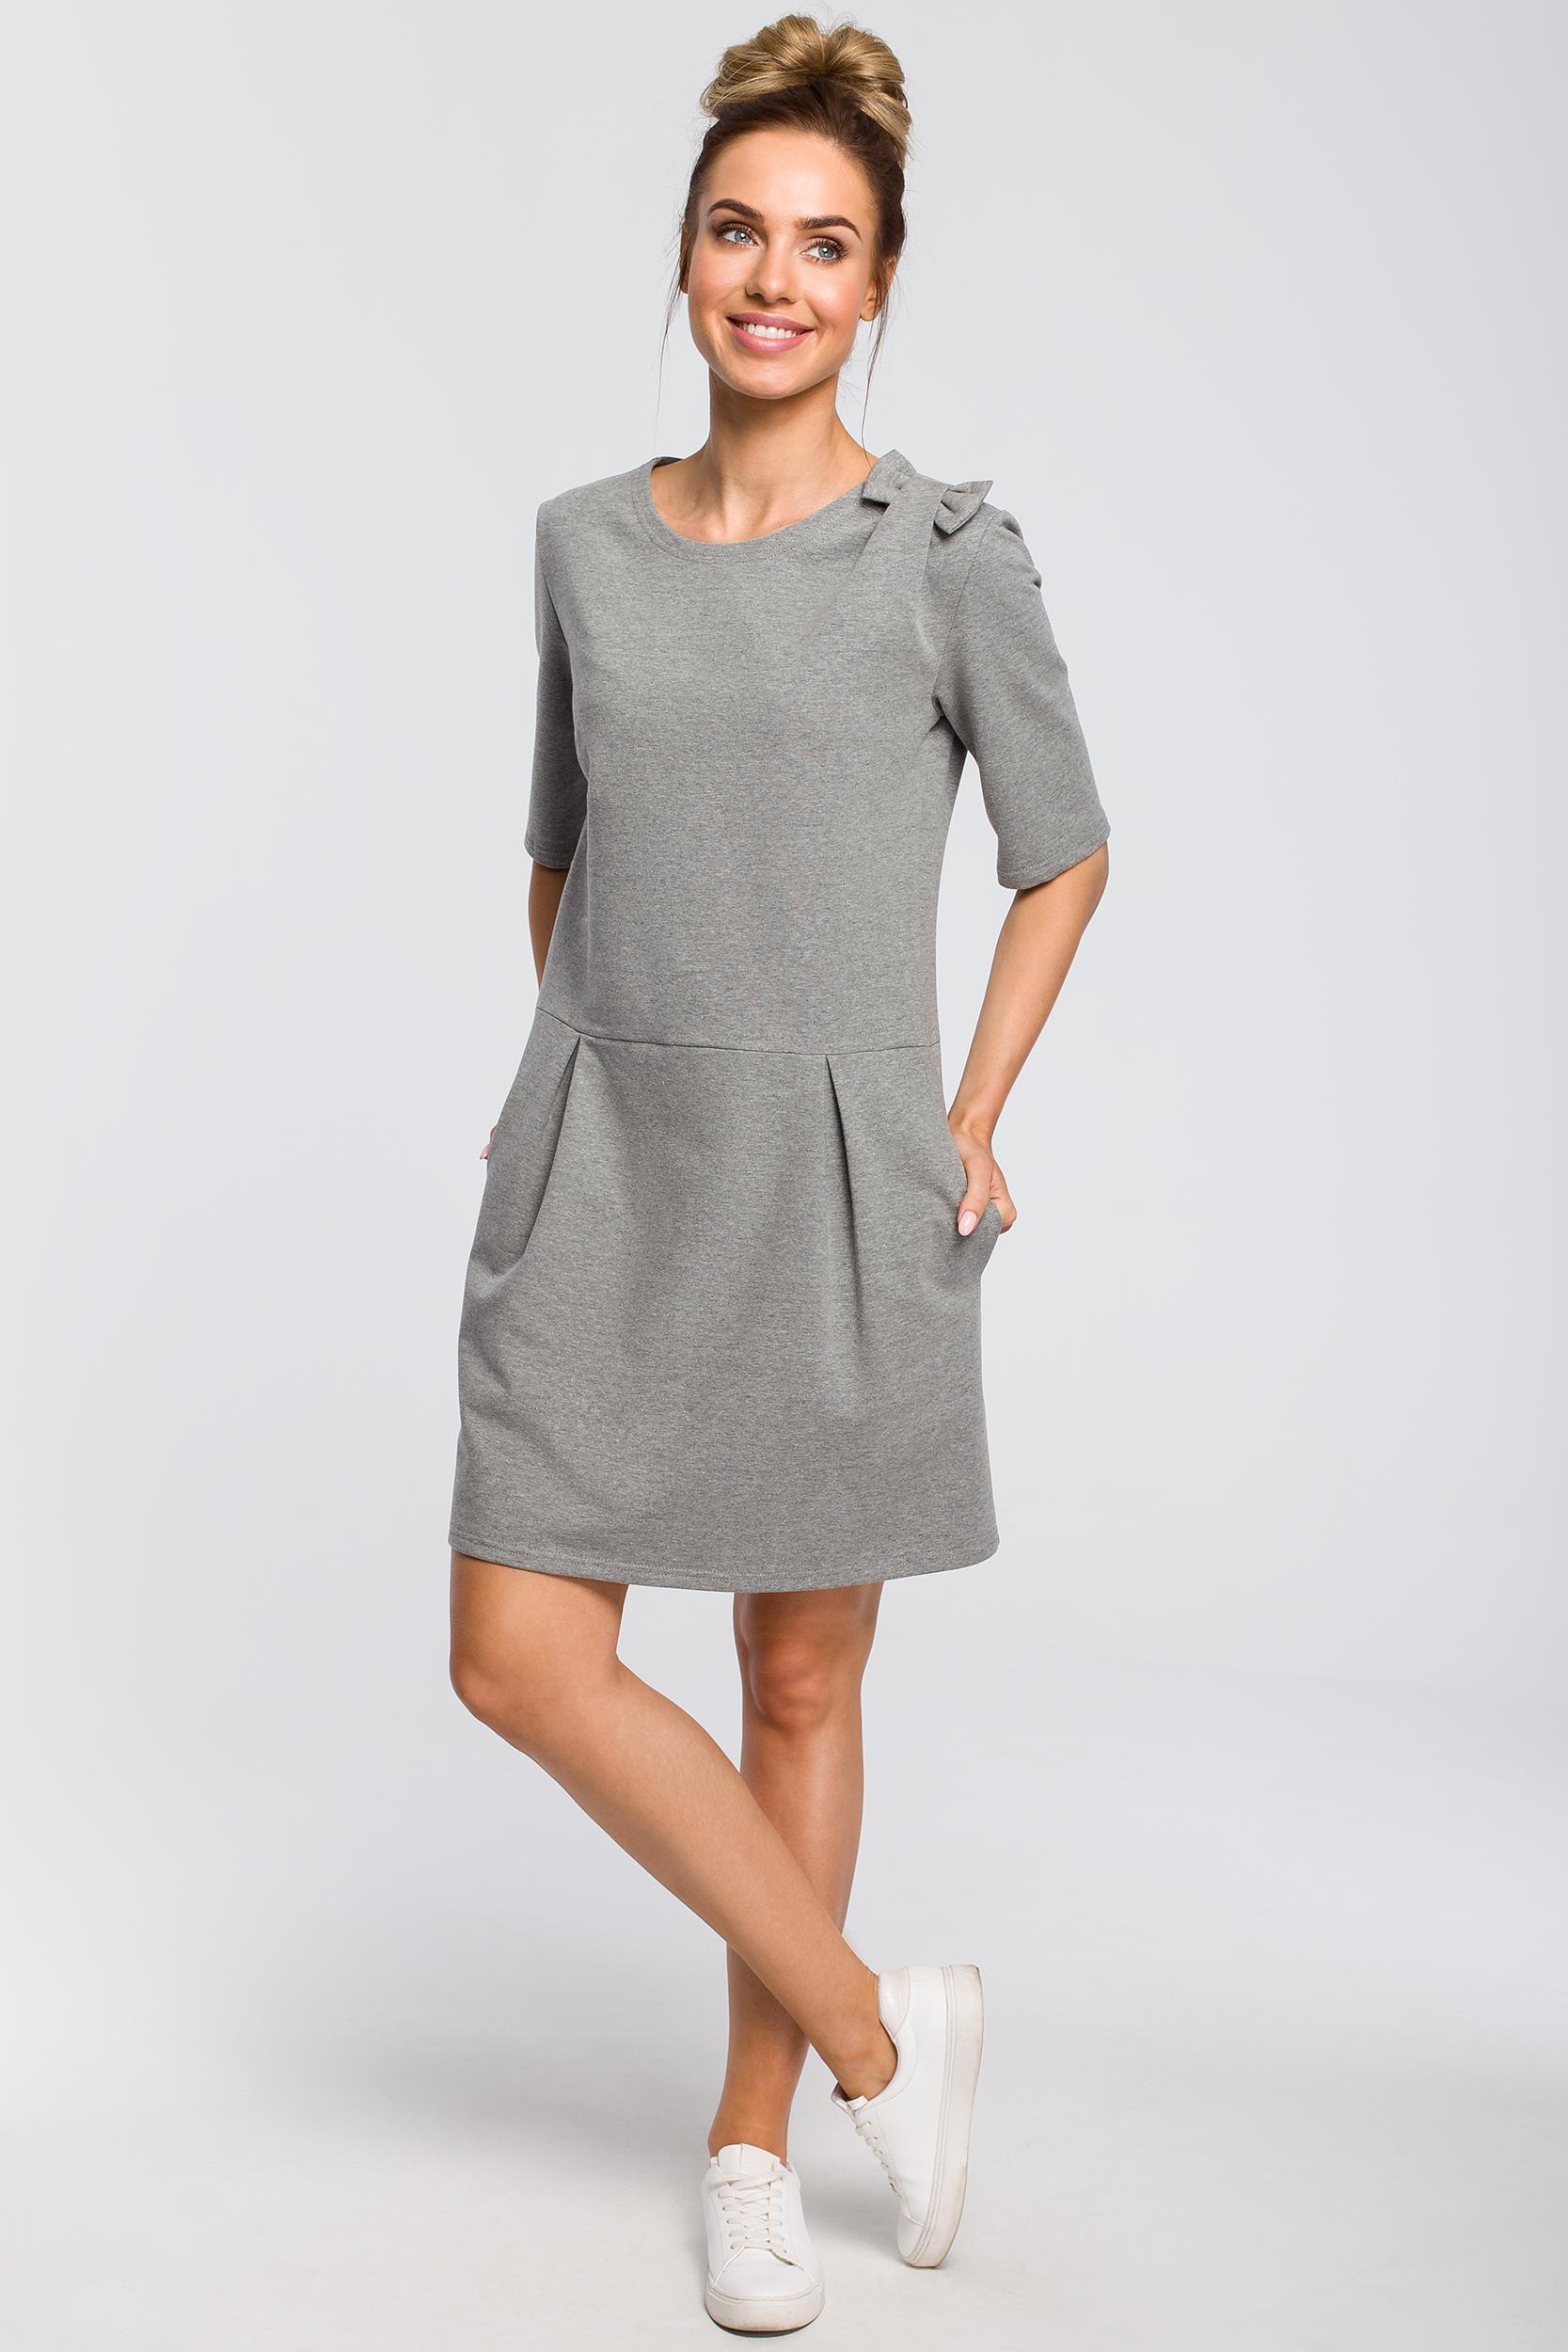 CM4103 Prosta sukienka z kokardką na ramieniu - szara